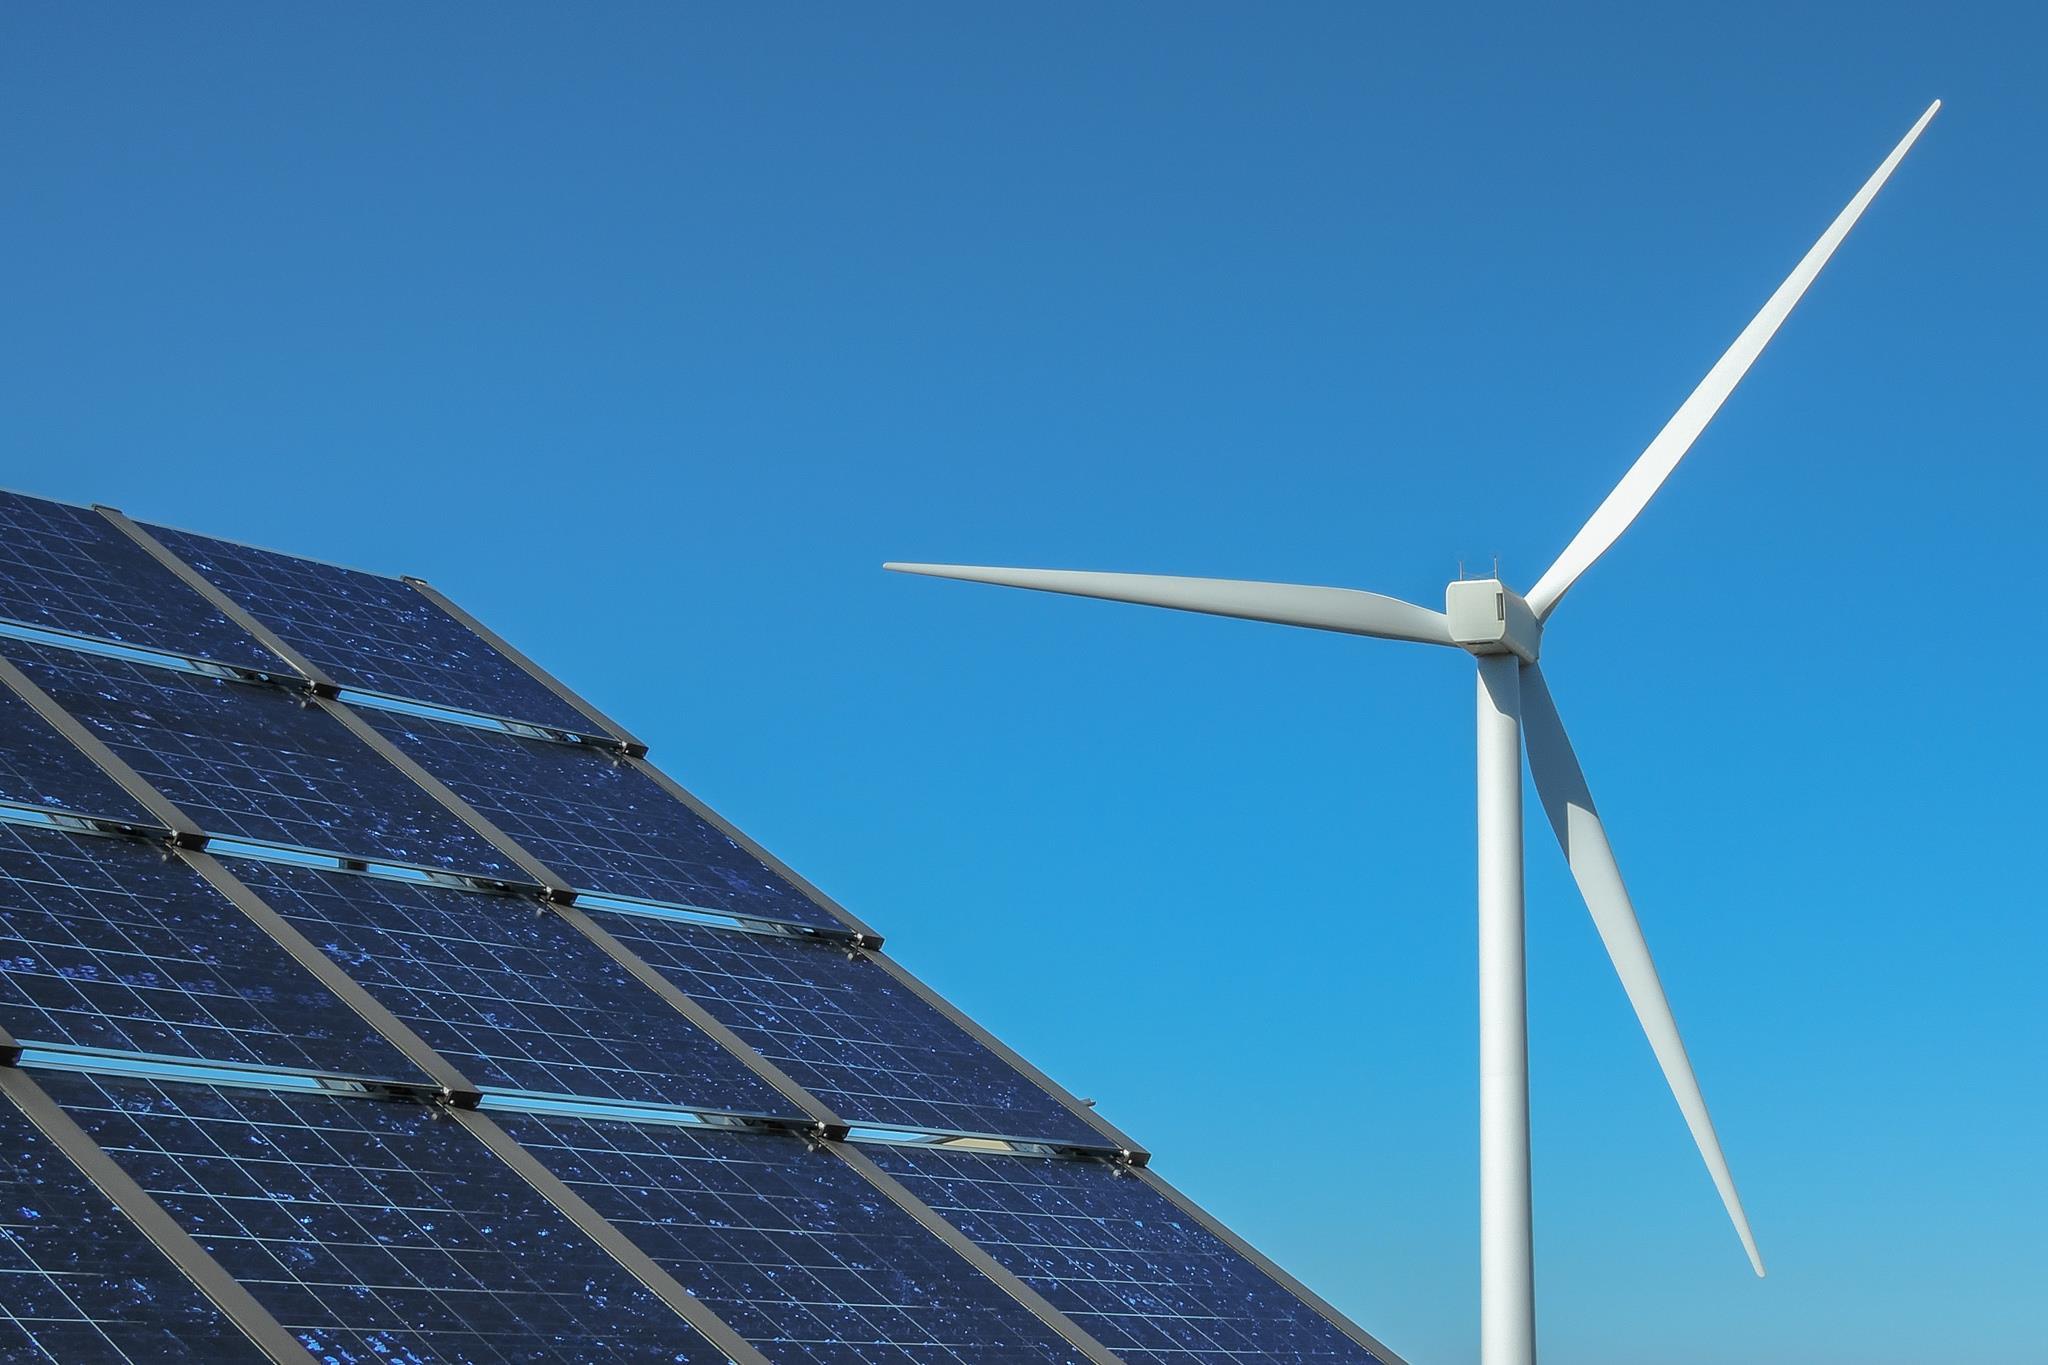 一季度我国可再生能源发电量达3885亿千瓦时 同比增长13%